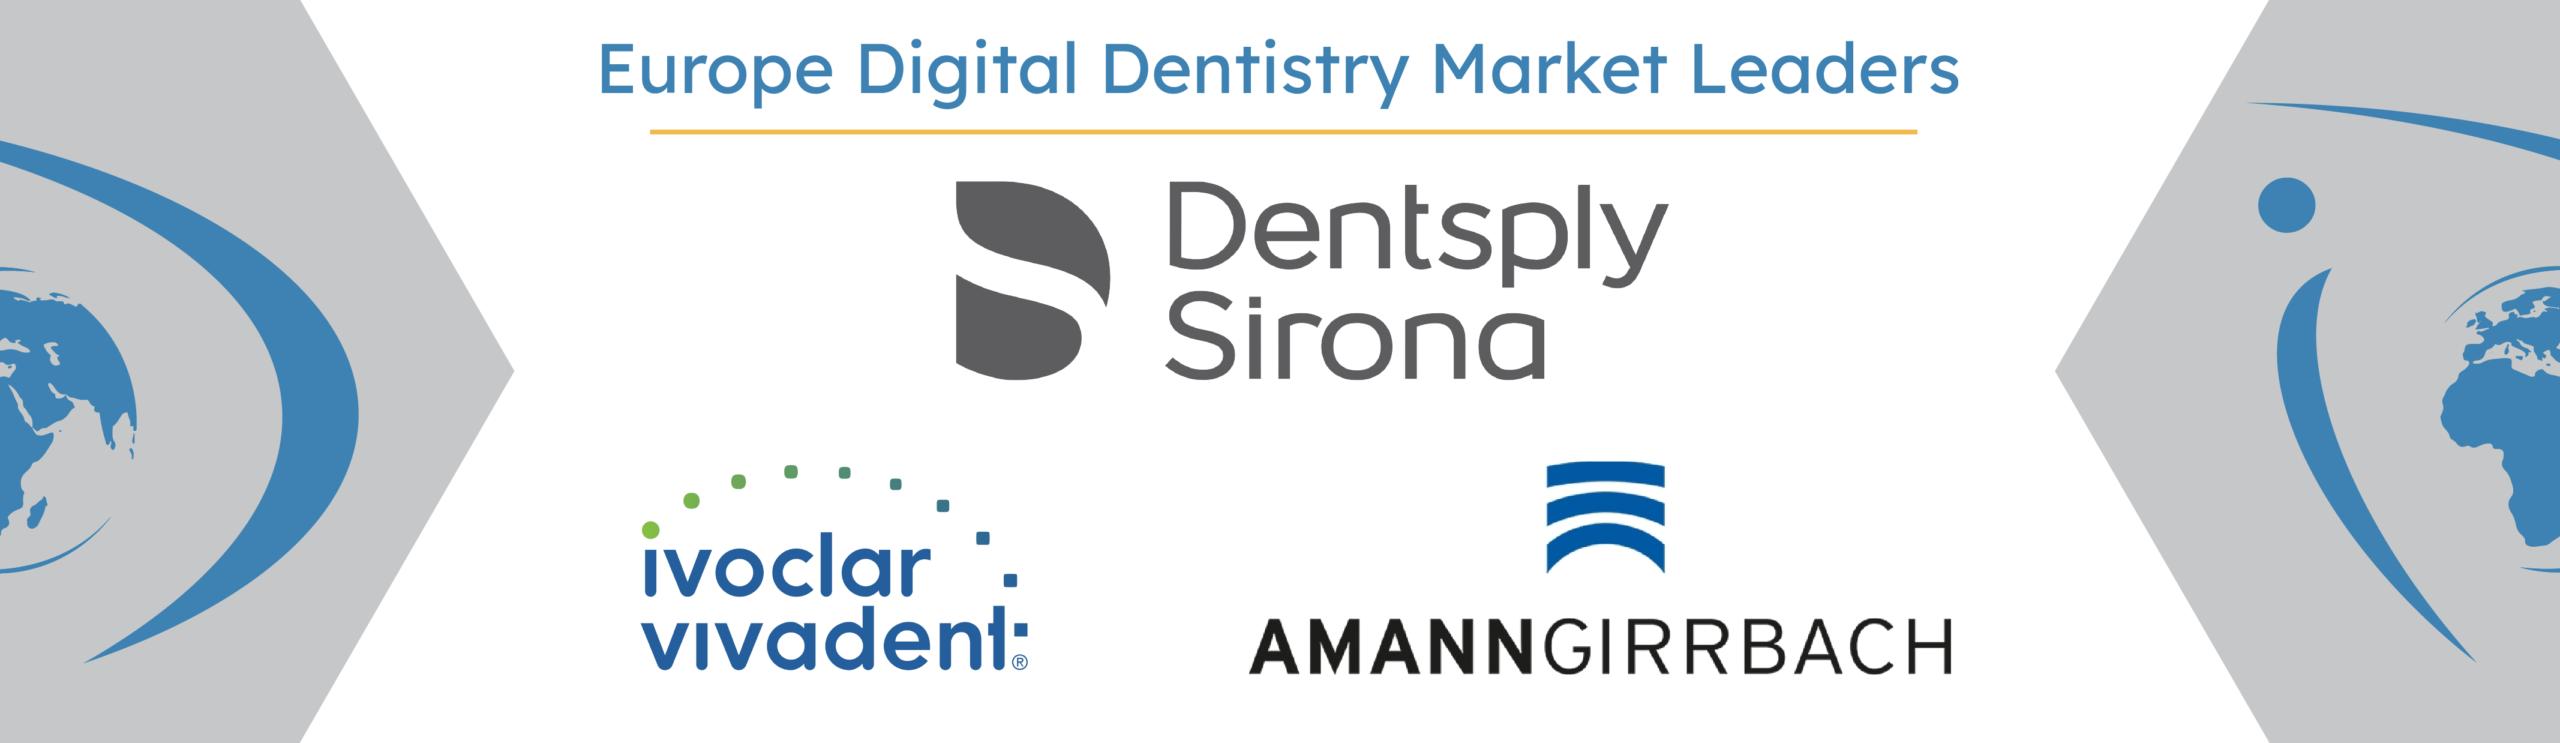 Top Digital Dentistry Companies in Europe